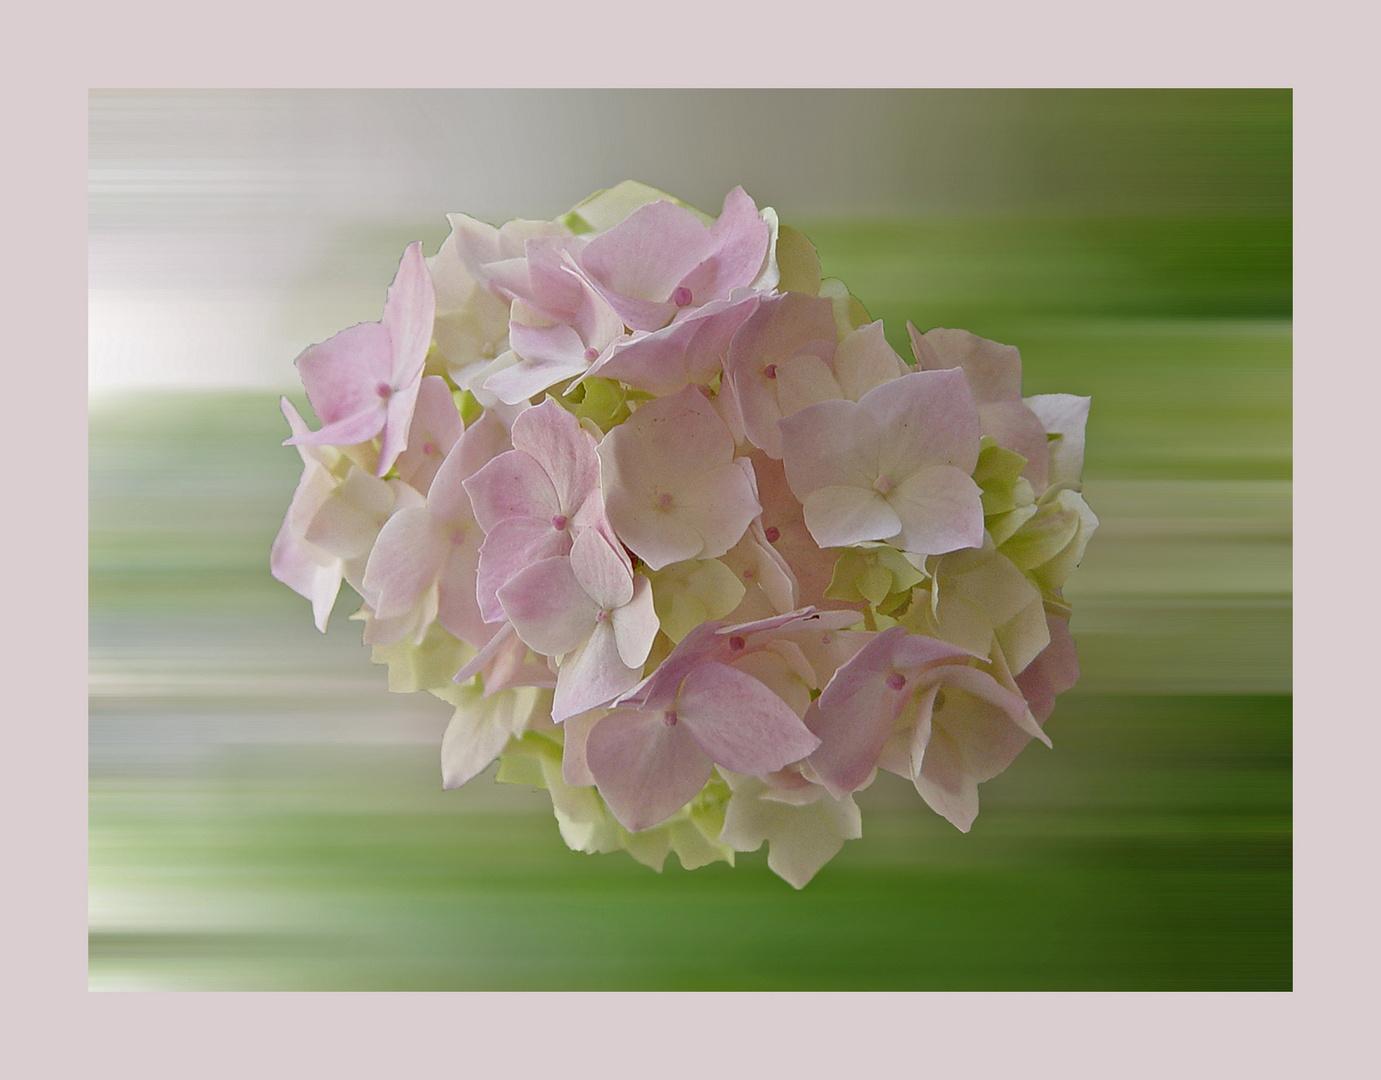 Hortensie - noch blühen sie im Garten